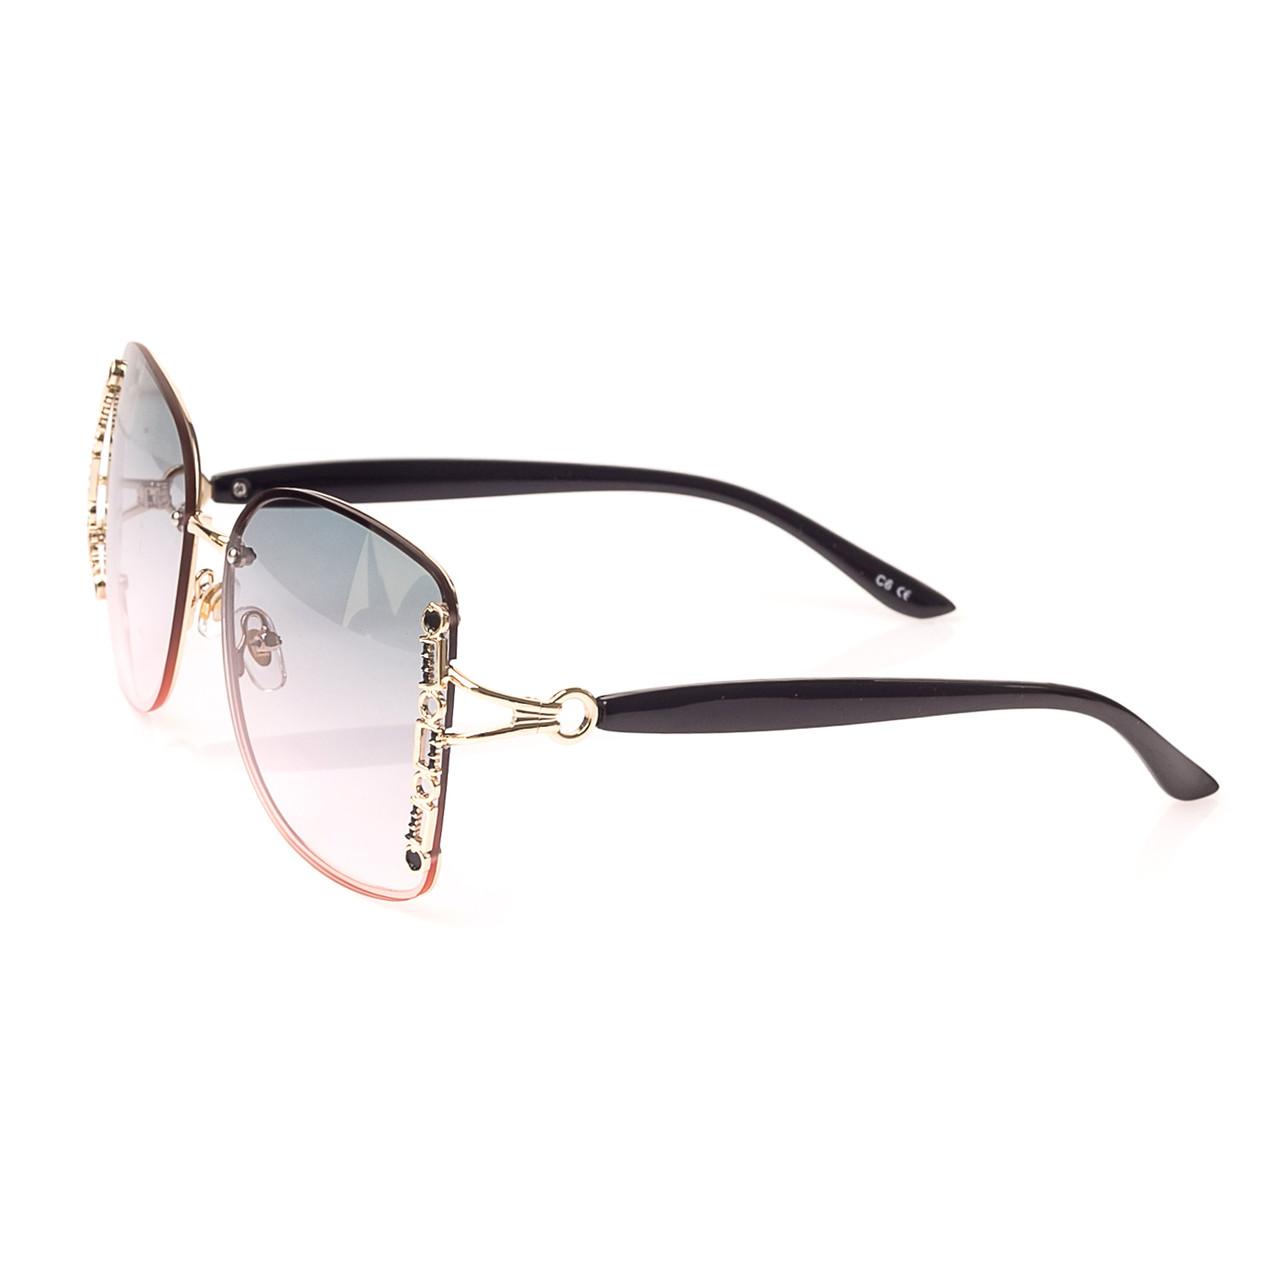 Солнцезащитные очки  Женские цвет Разноцветный      Линза-поликарбонат ( 18036-06 )